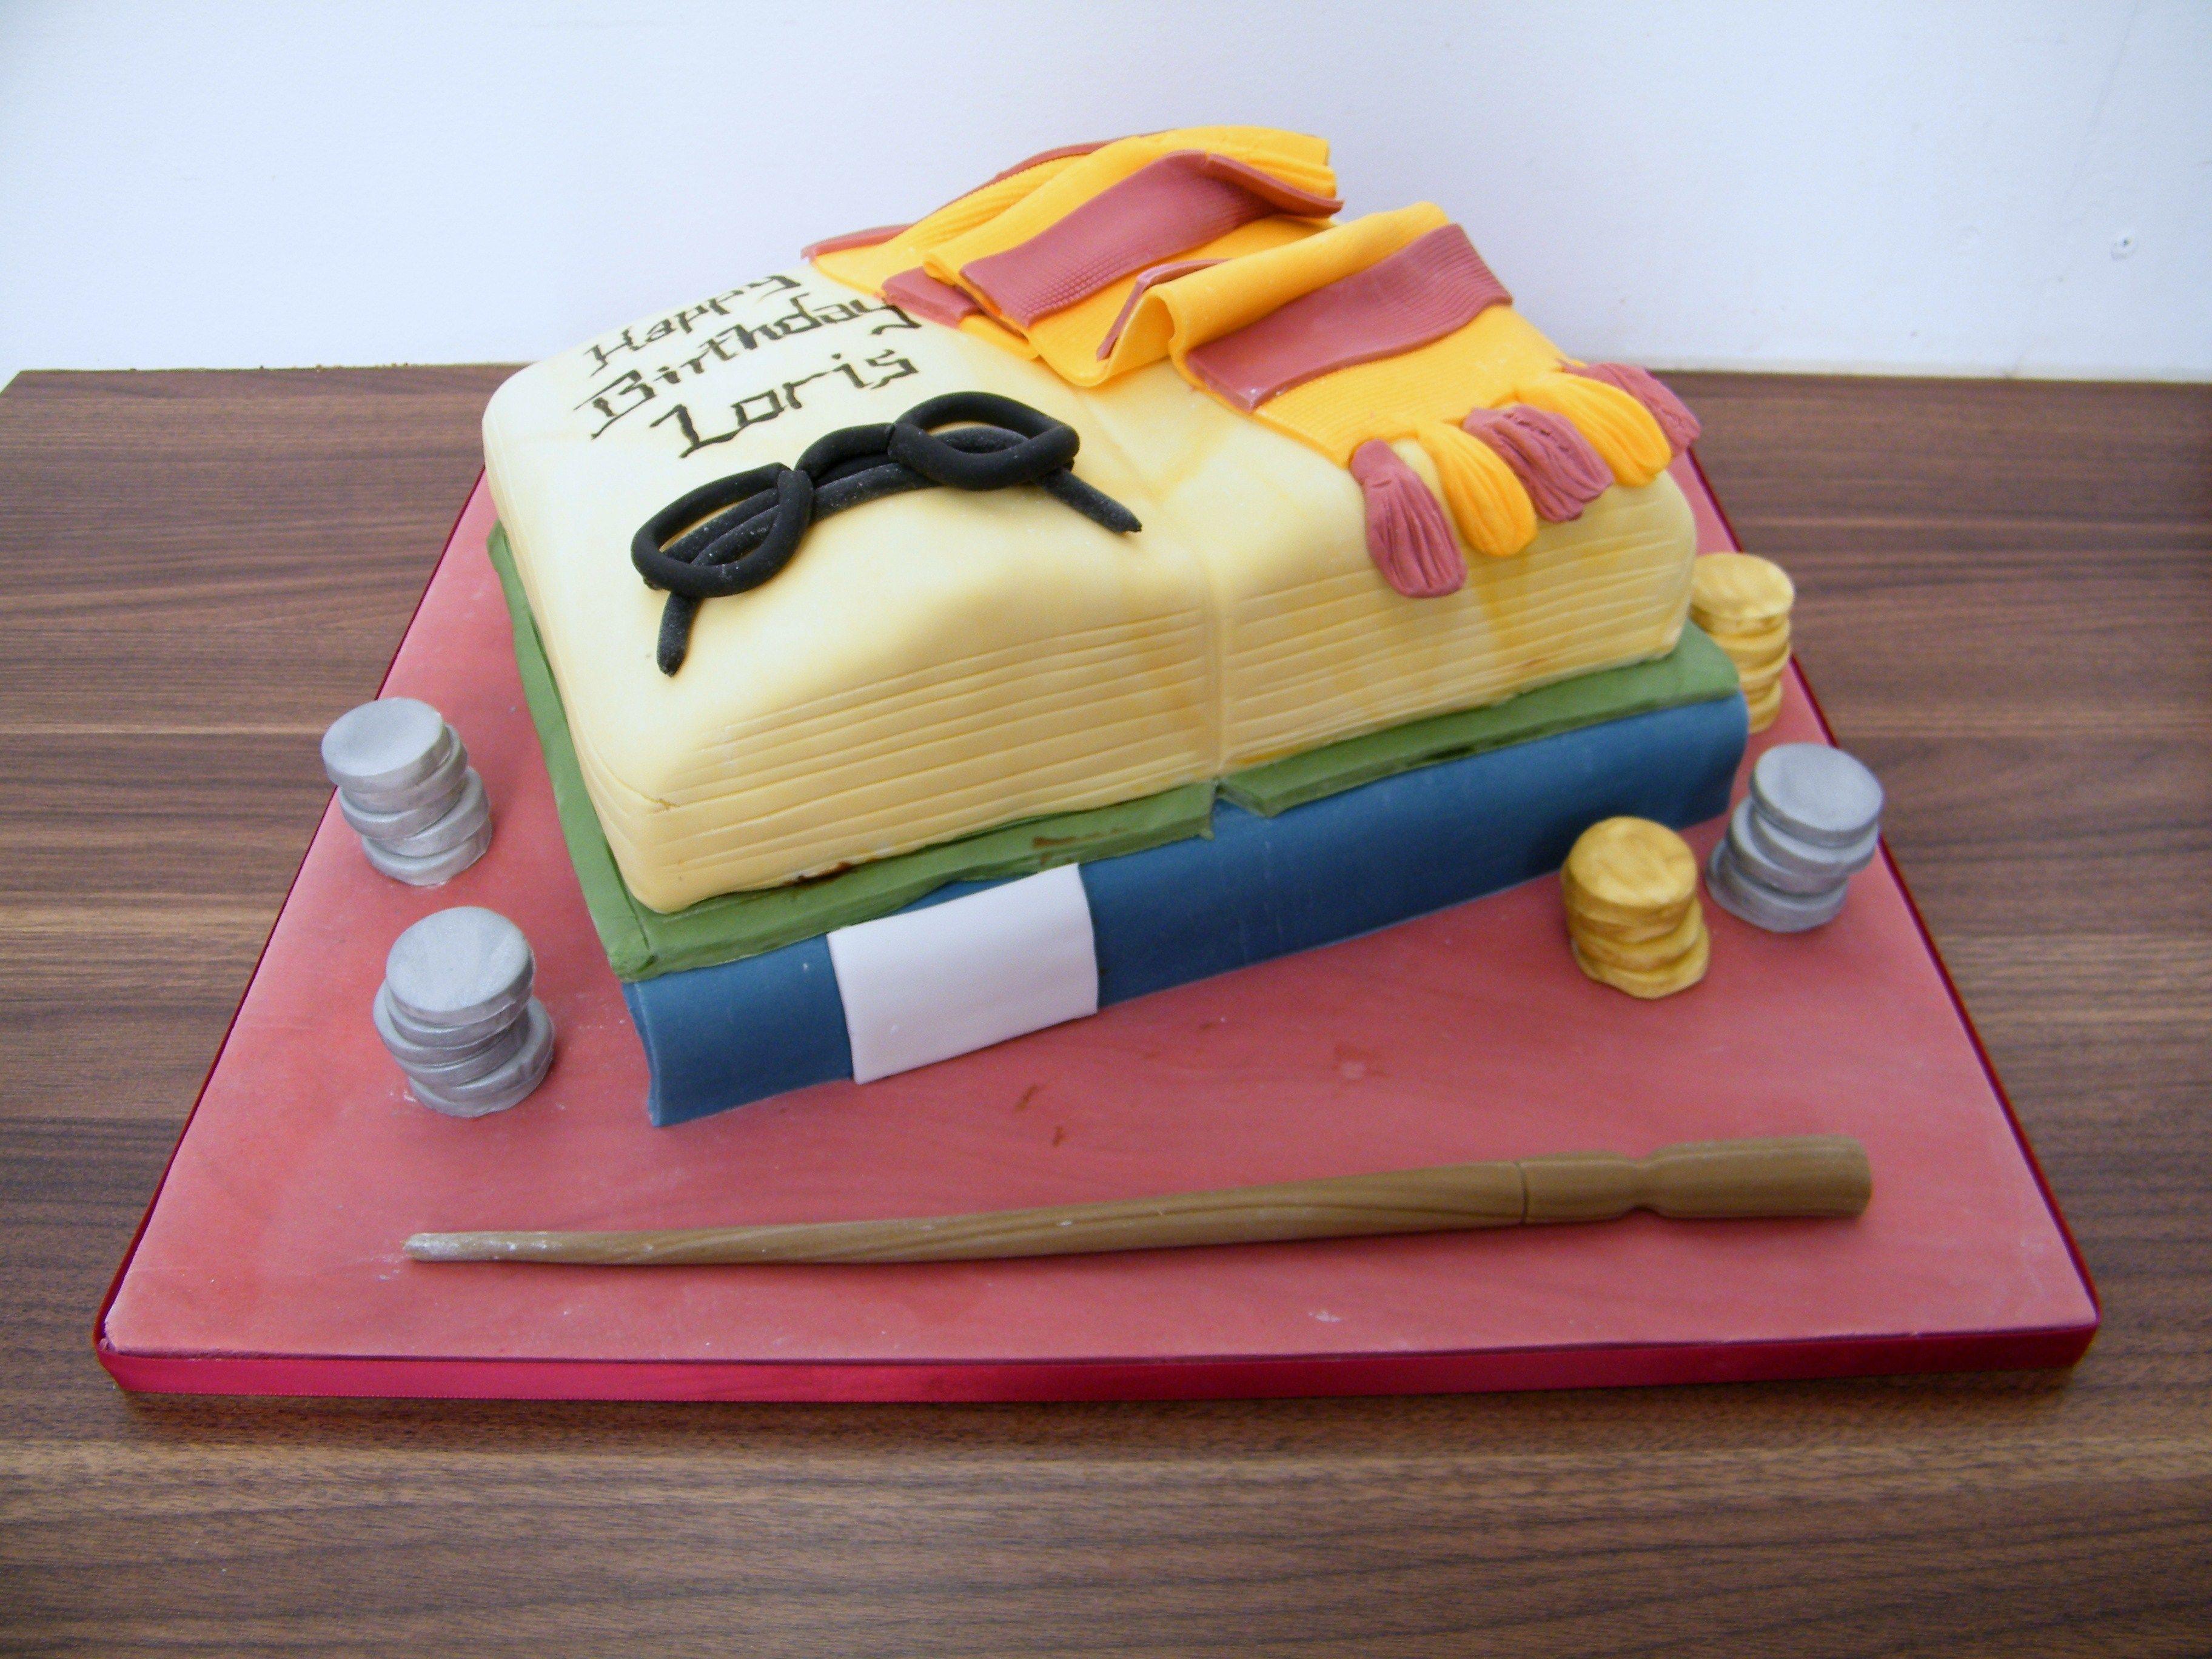 Harry Potter Book Birthday Celebration Cake By La Belle Cake Company